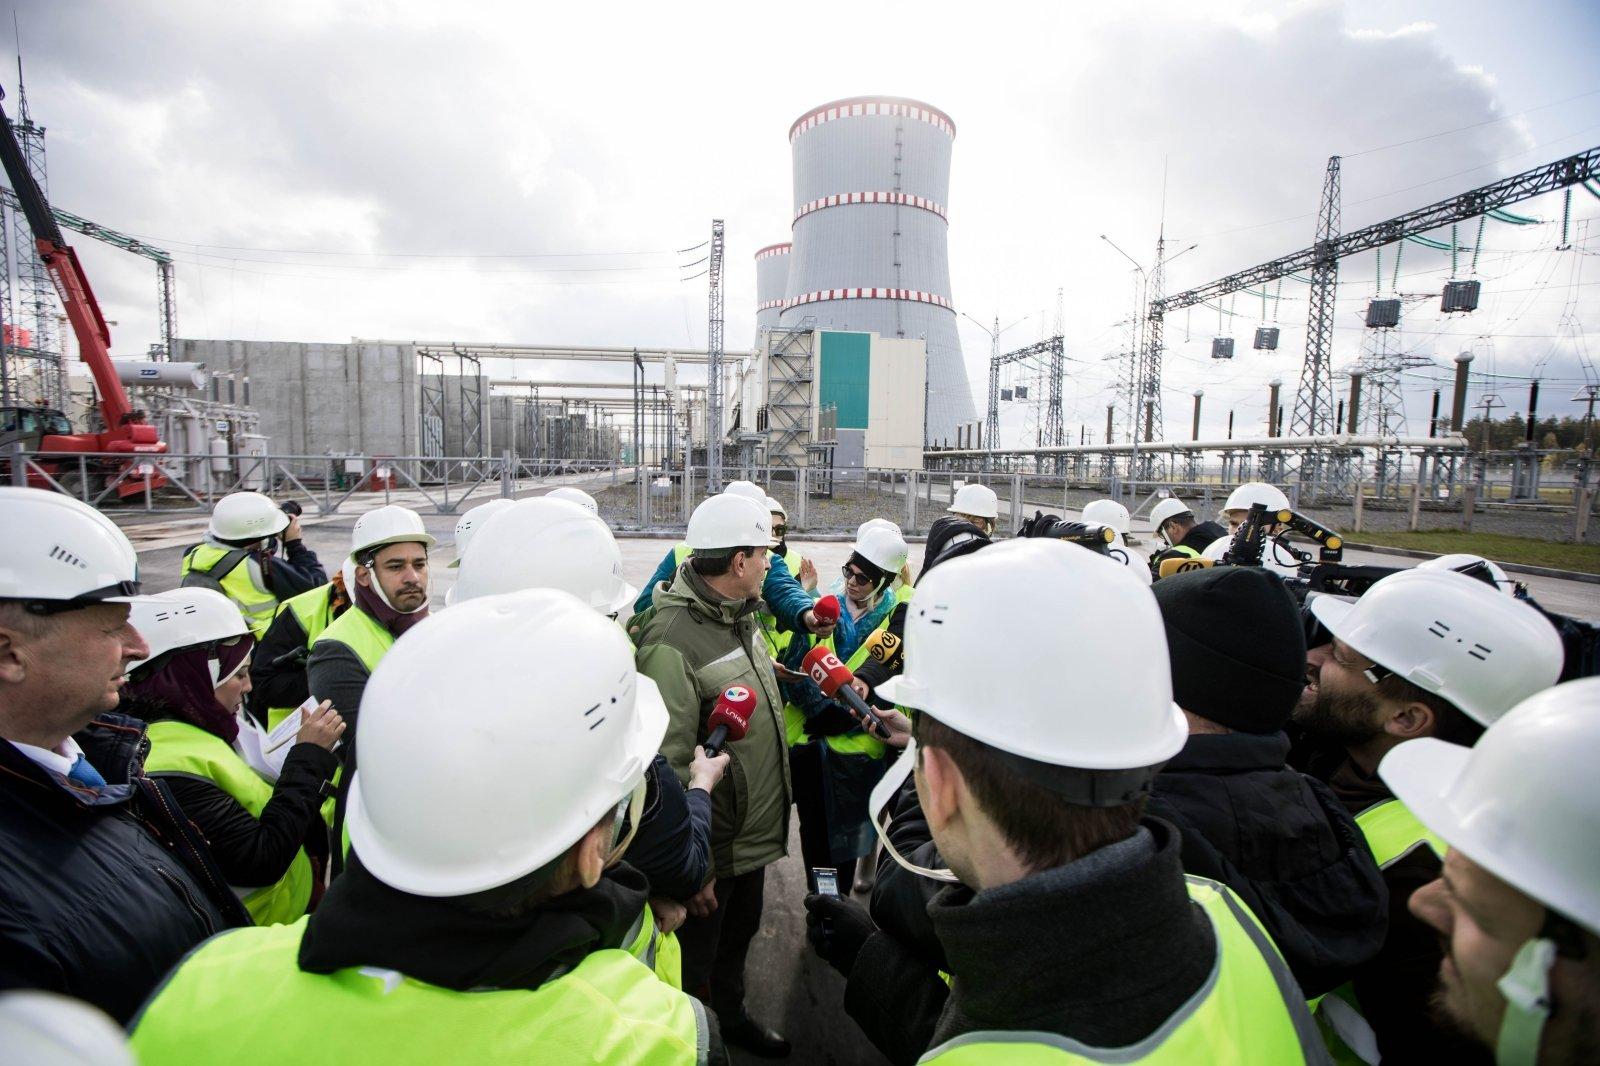 МЧС выдало разрешение на загрузку топлива на первом энергоблоке БелАЭС